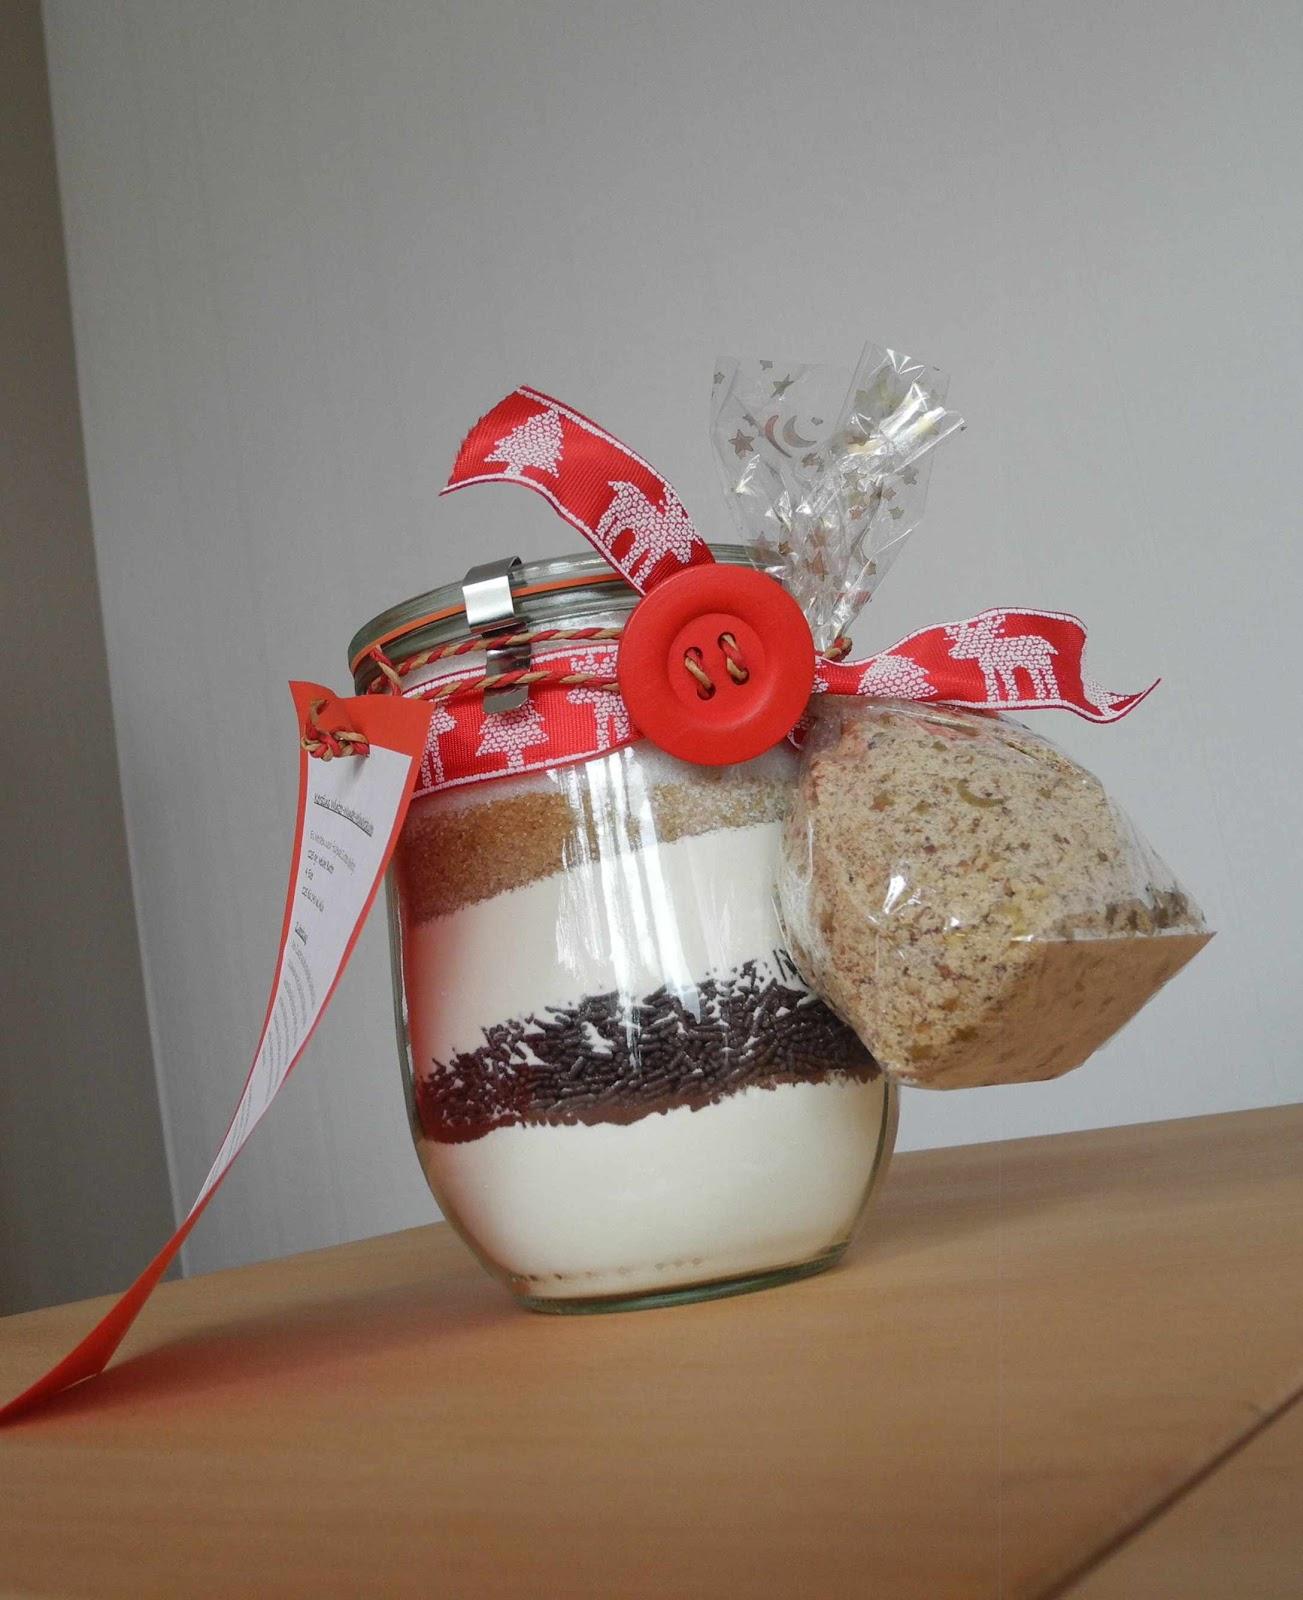 Kerstins bunte welt kuchen im glas ein geschenk aus der for Geschenke für die küche